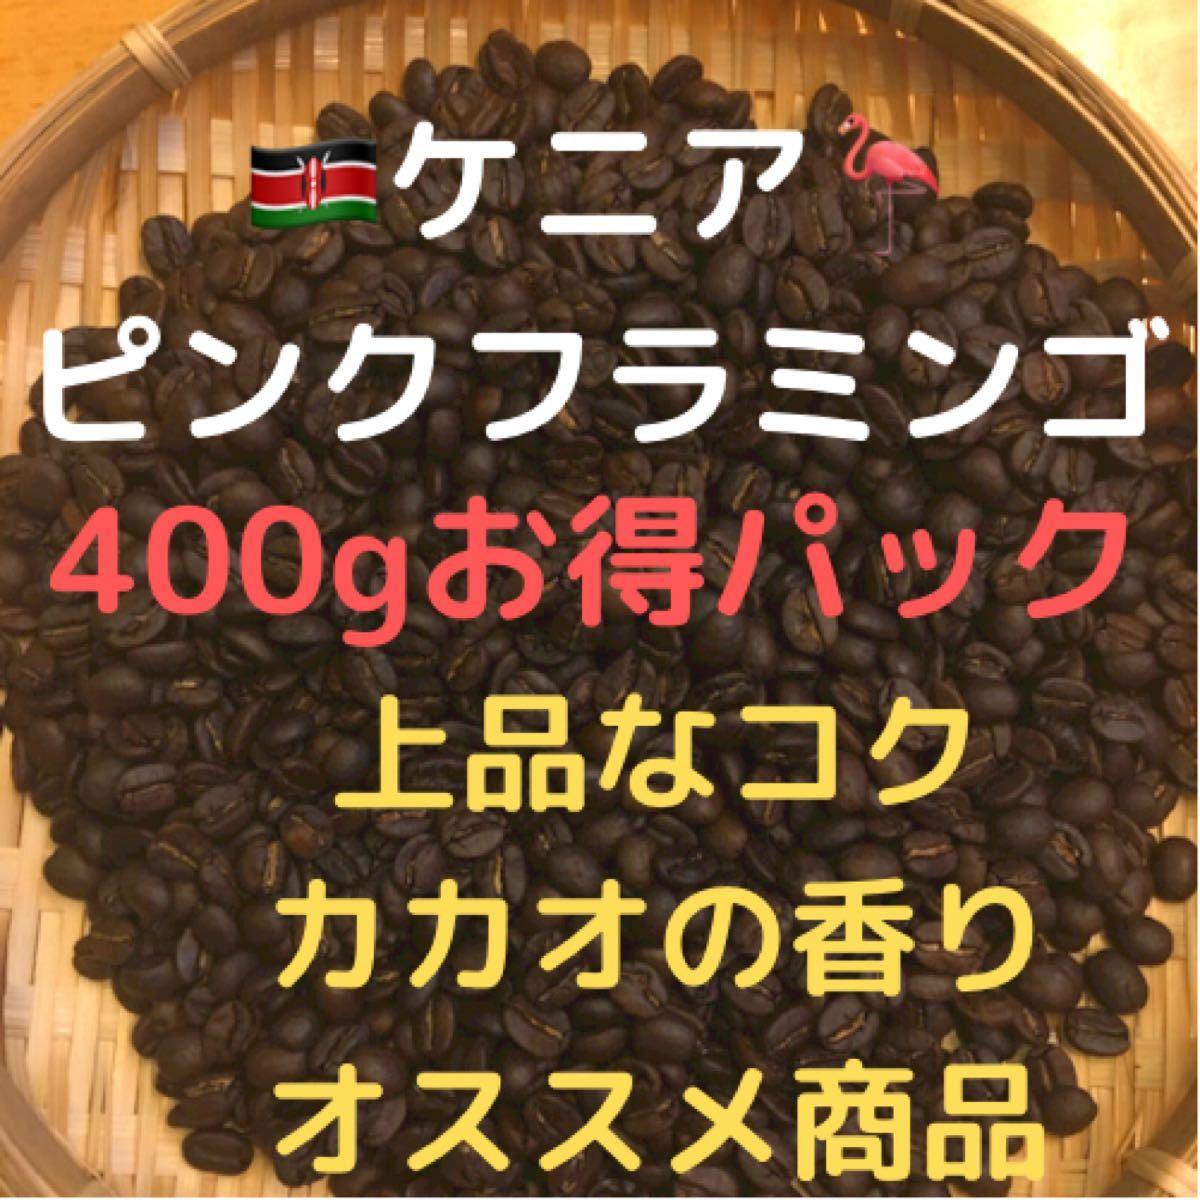 自家焙煎 ケニア ピンクフラミンゴ 400g(豆又は粉)匿名配送